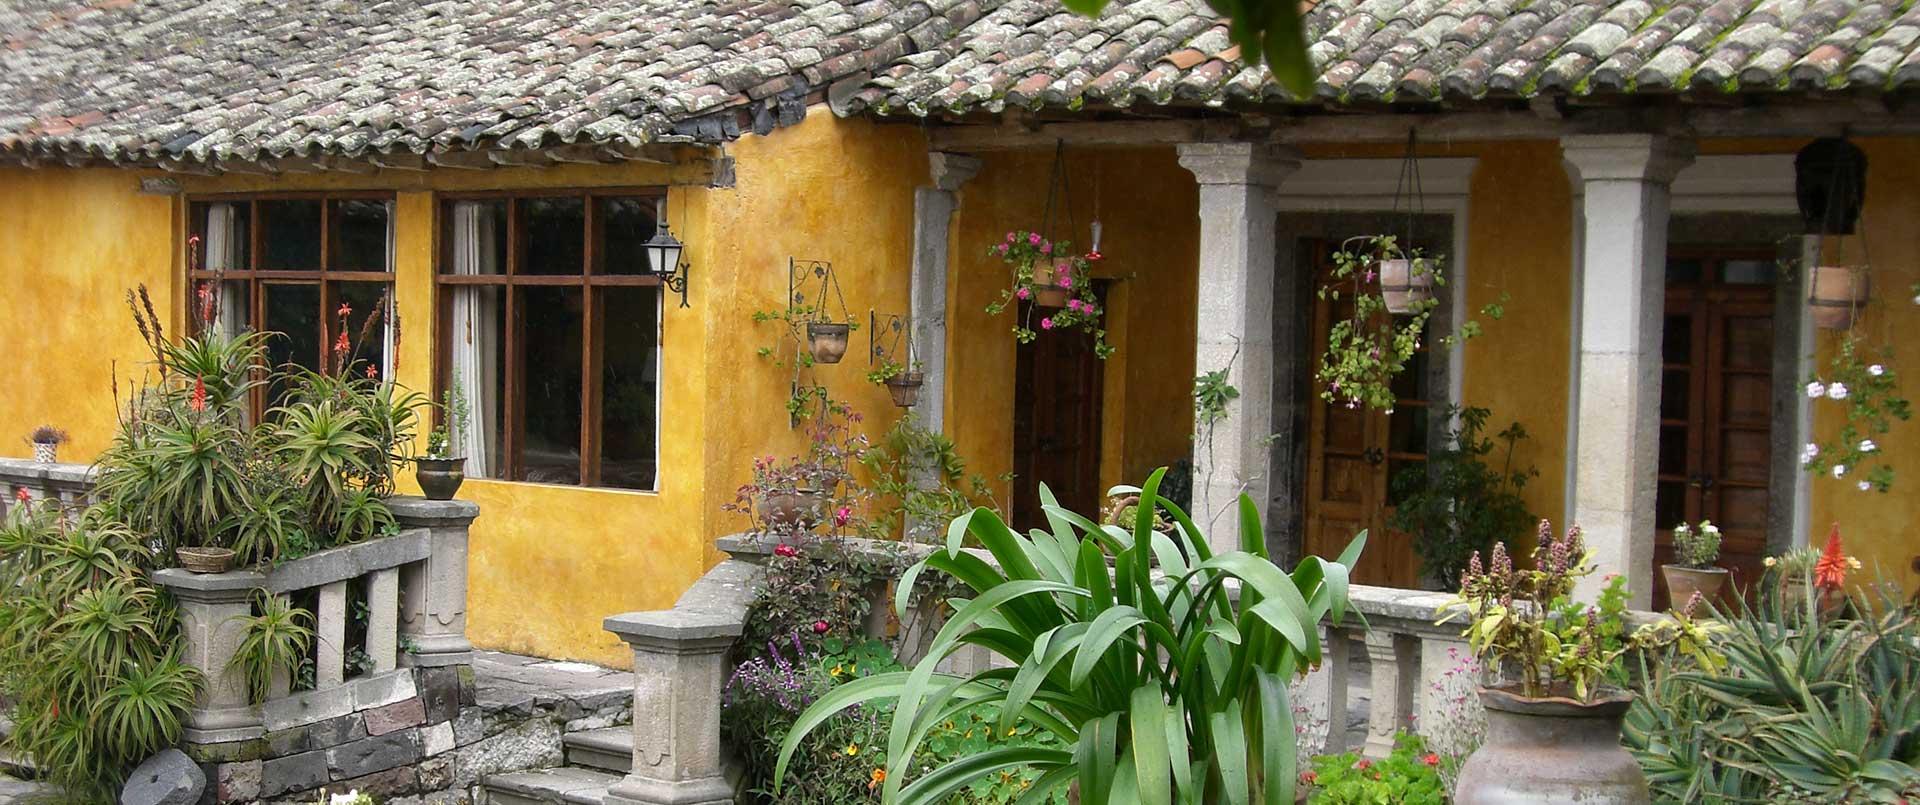 Hacienda San Augustin de Callo, Cotopaxi